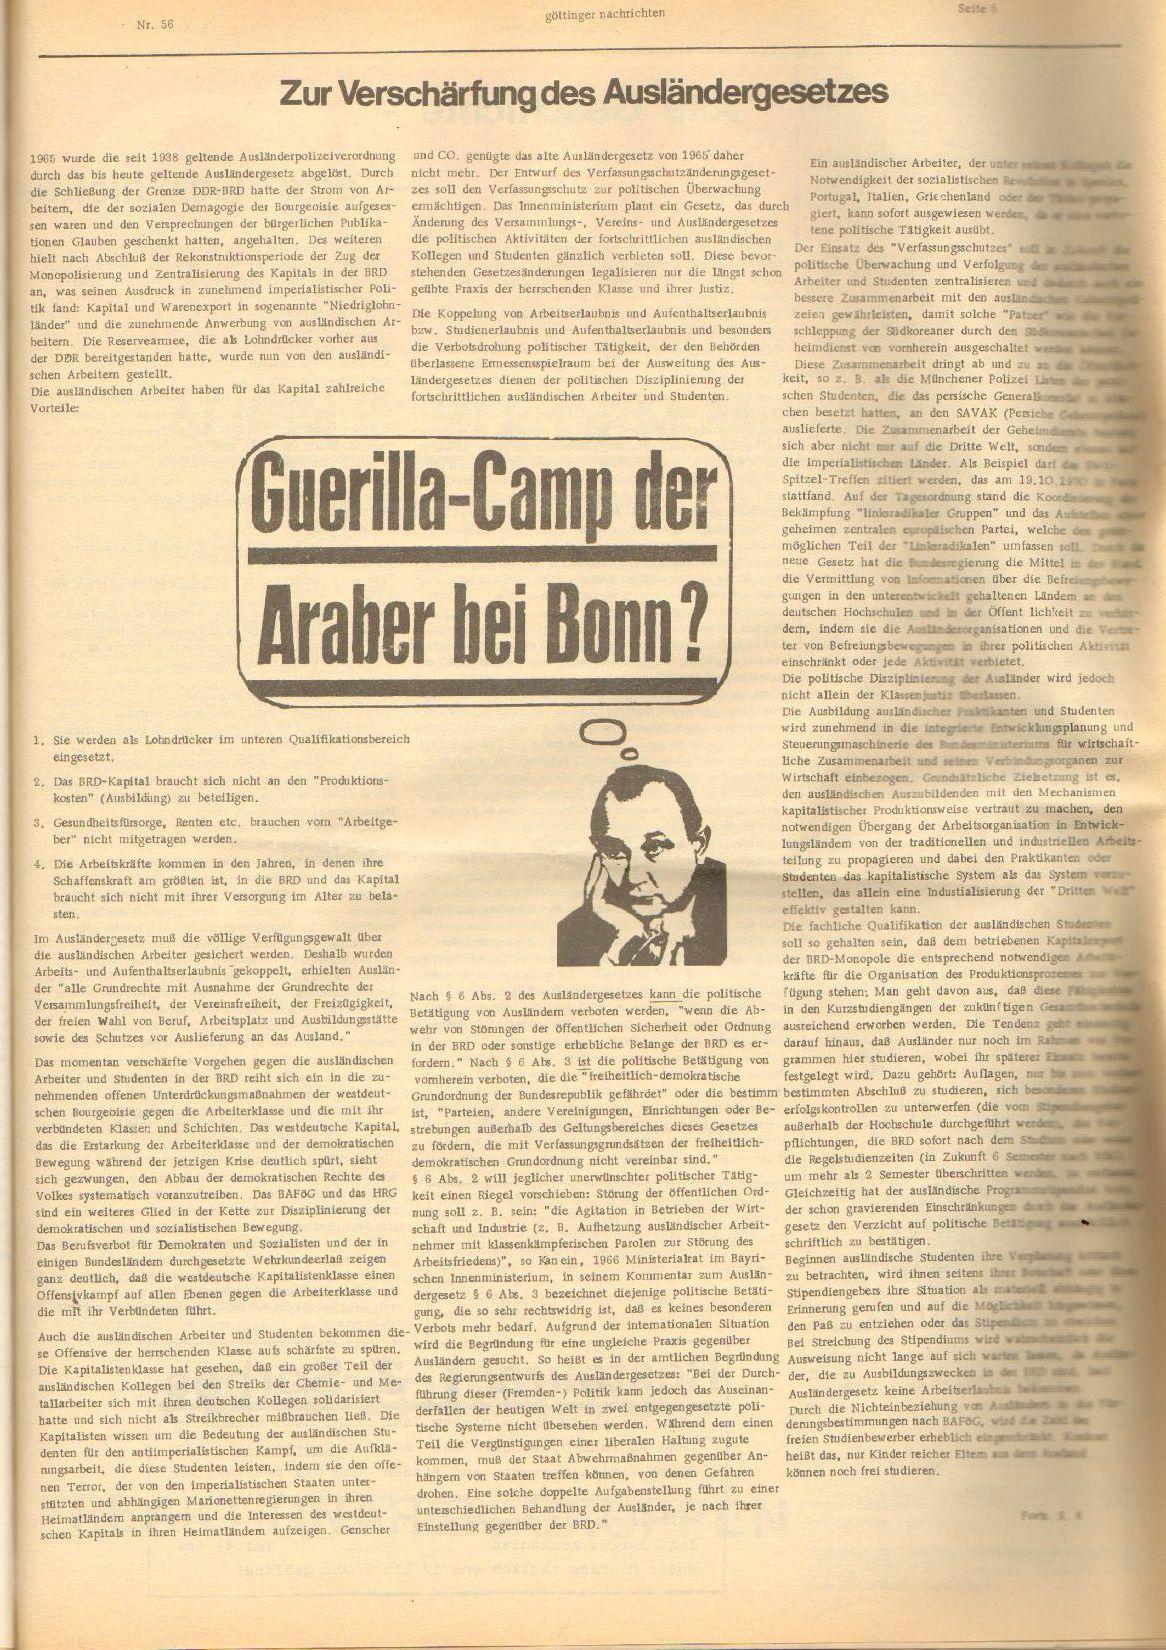 Goettinger_Nachrichten341